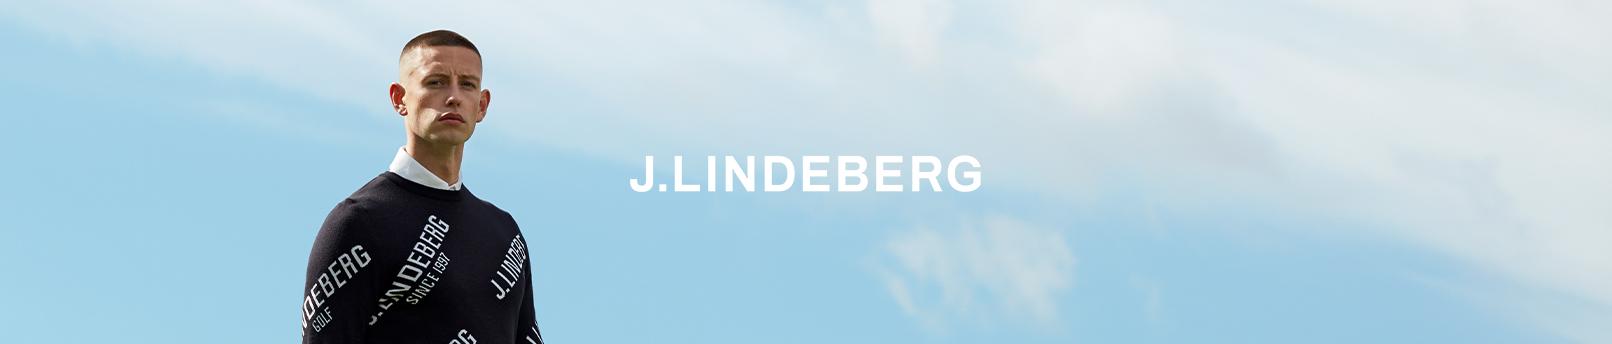 Shop J.LINDEBERG